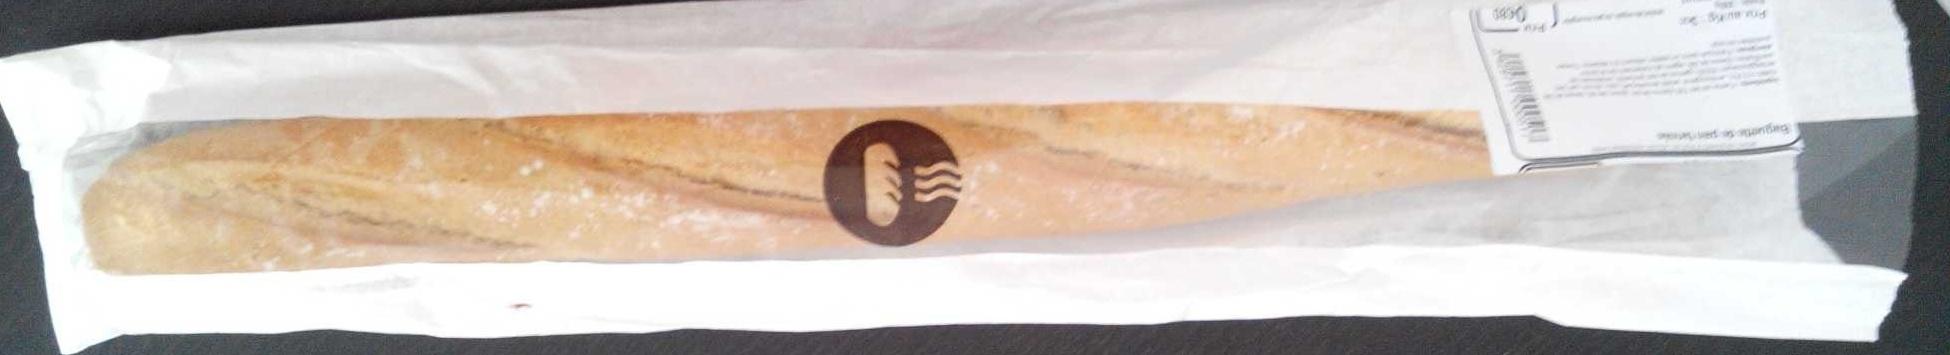 Baguette de pain farinée - Produit - fr